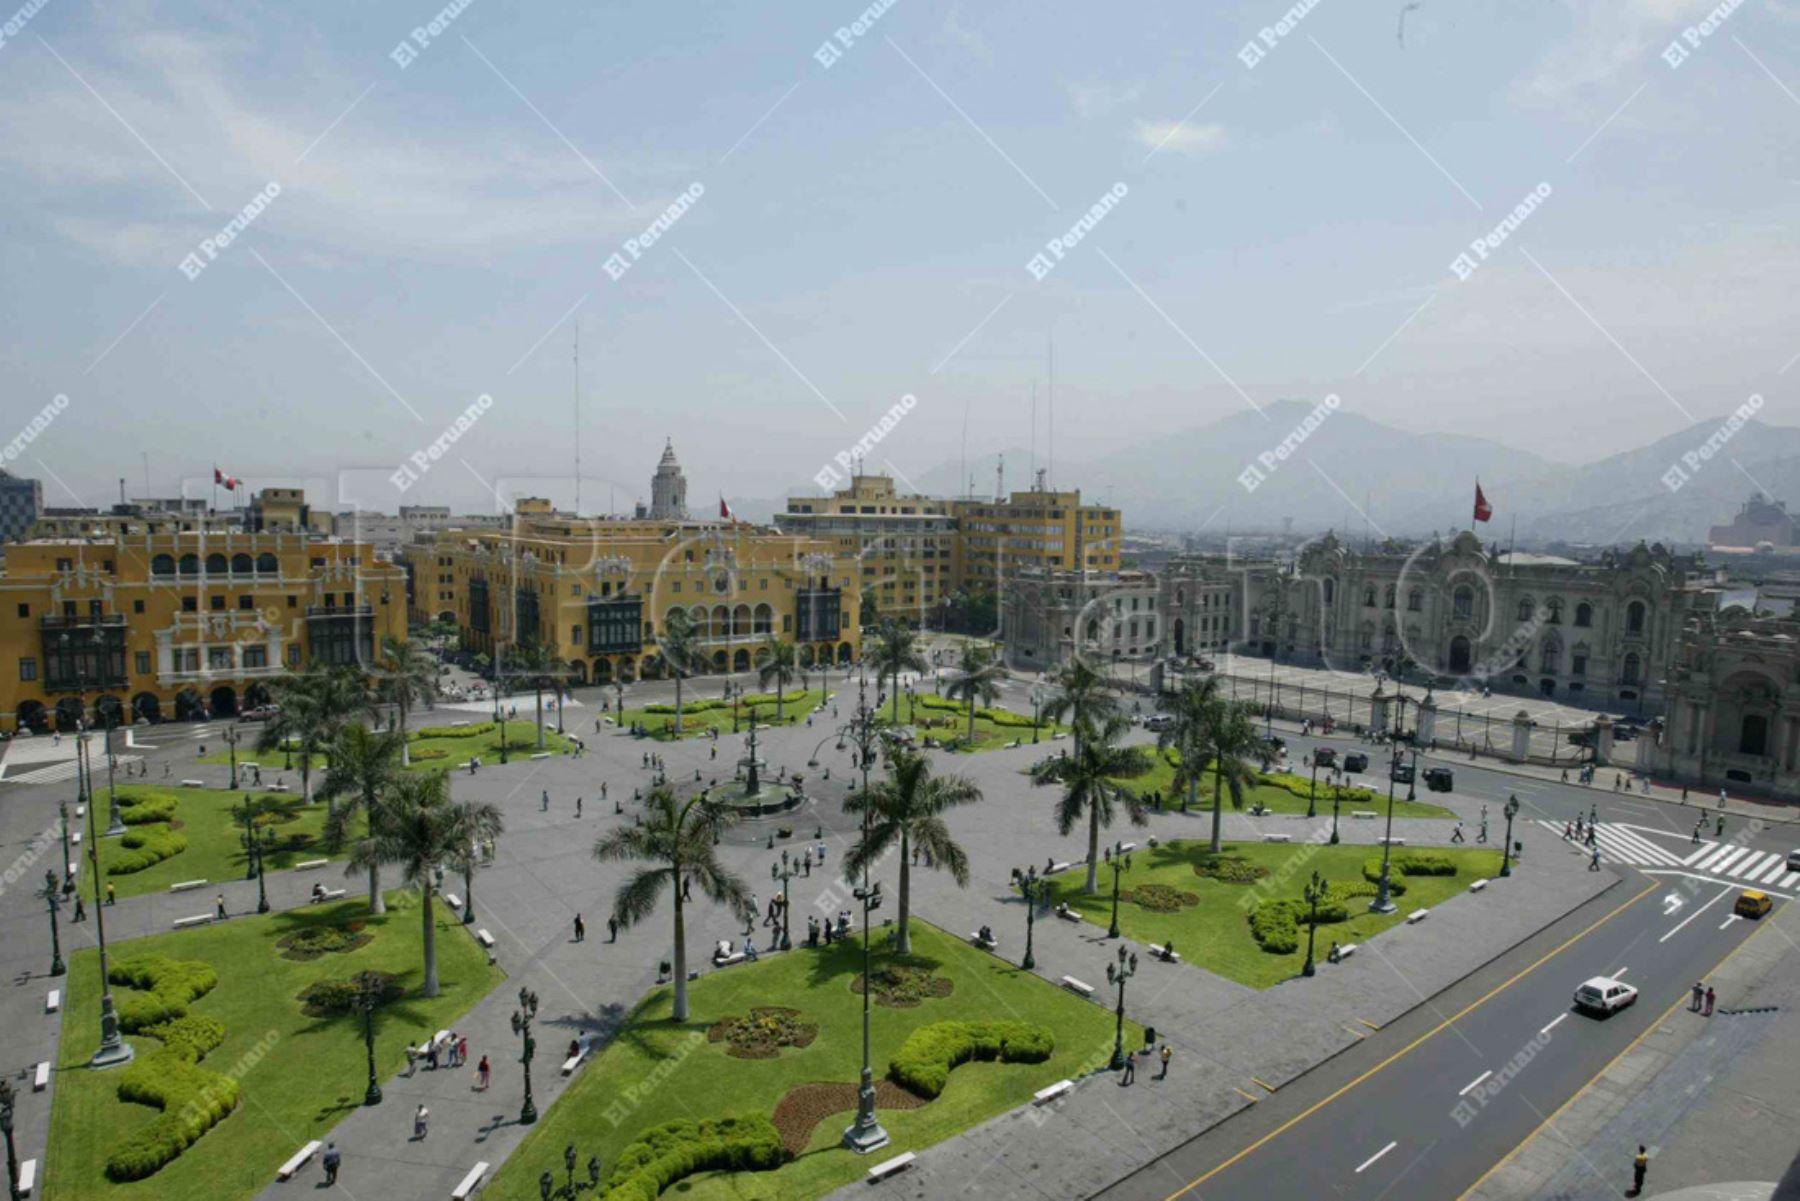 Lima - 20 marzo 2006 / Vista panorámica de la Plaza de Armas de Lima. Lima moderna. Foto: Archivo El Peruano